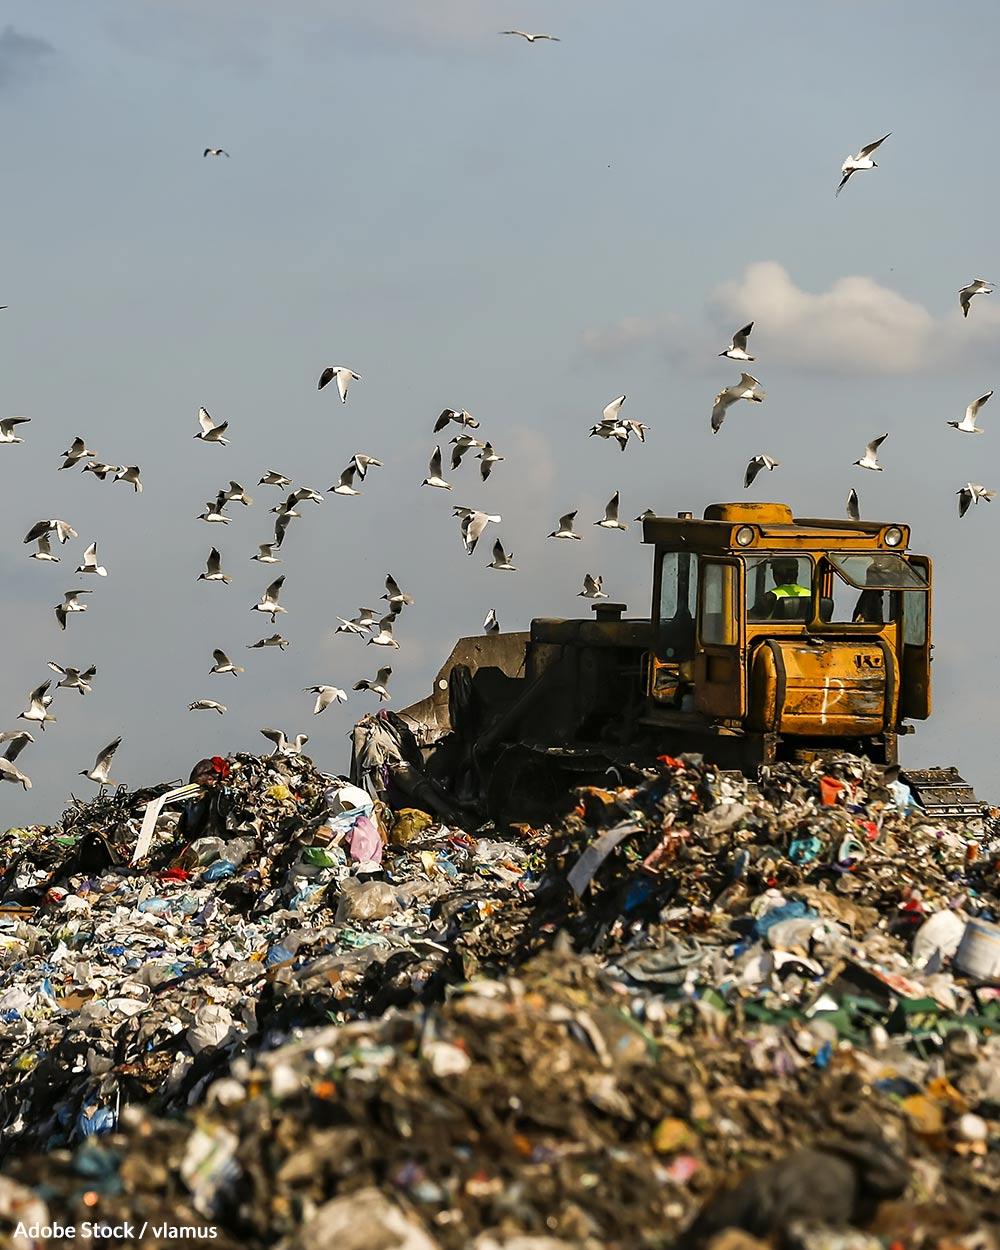 Trash in landfills releases methane as it breaks down.